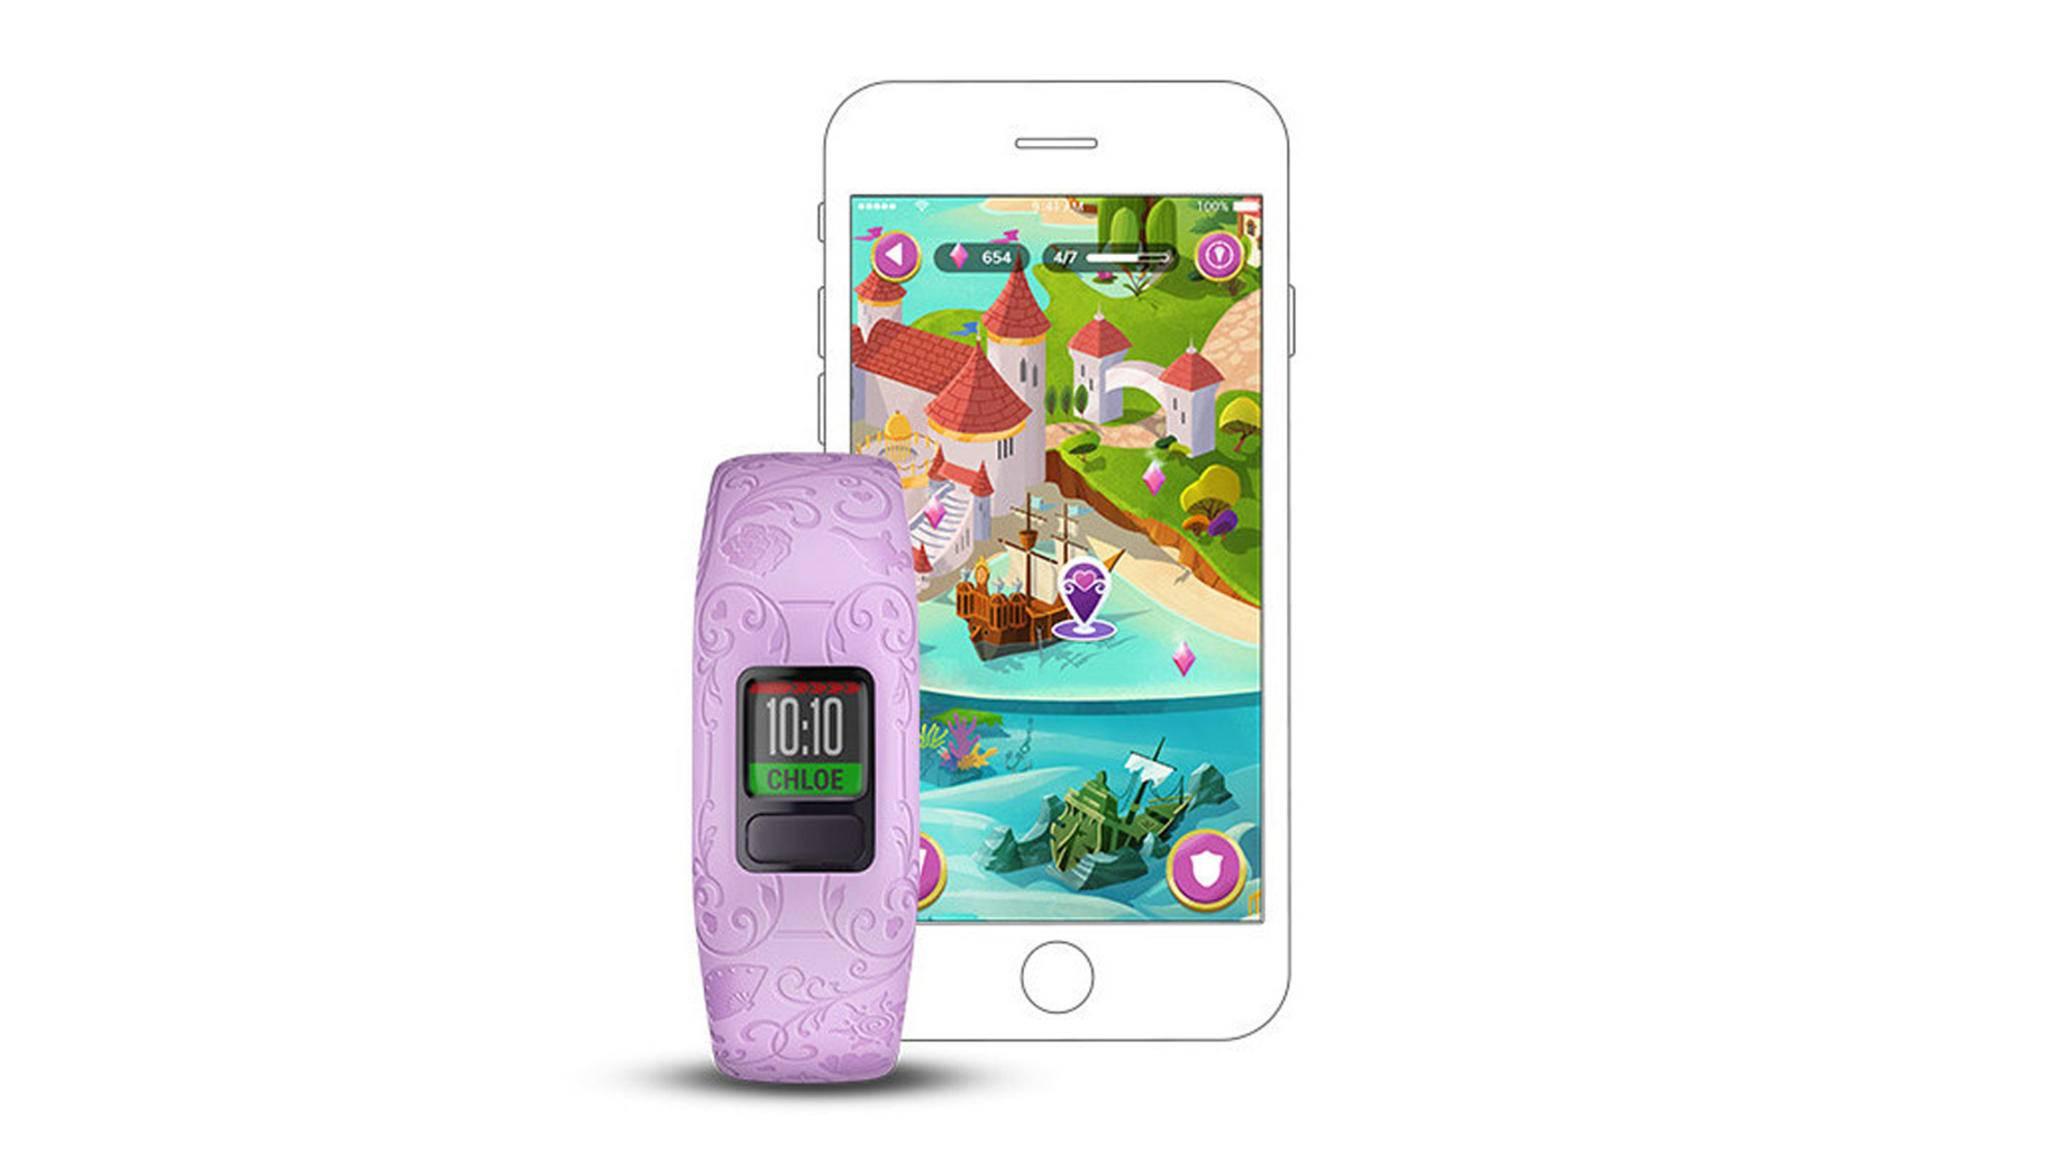 Ein Fitness-Tracker aus Disney-Träumen: Garmin Vivofit jr. 2 in der Prinzessinnen-Edition.